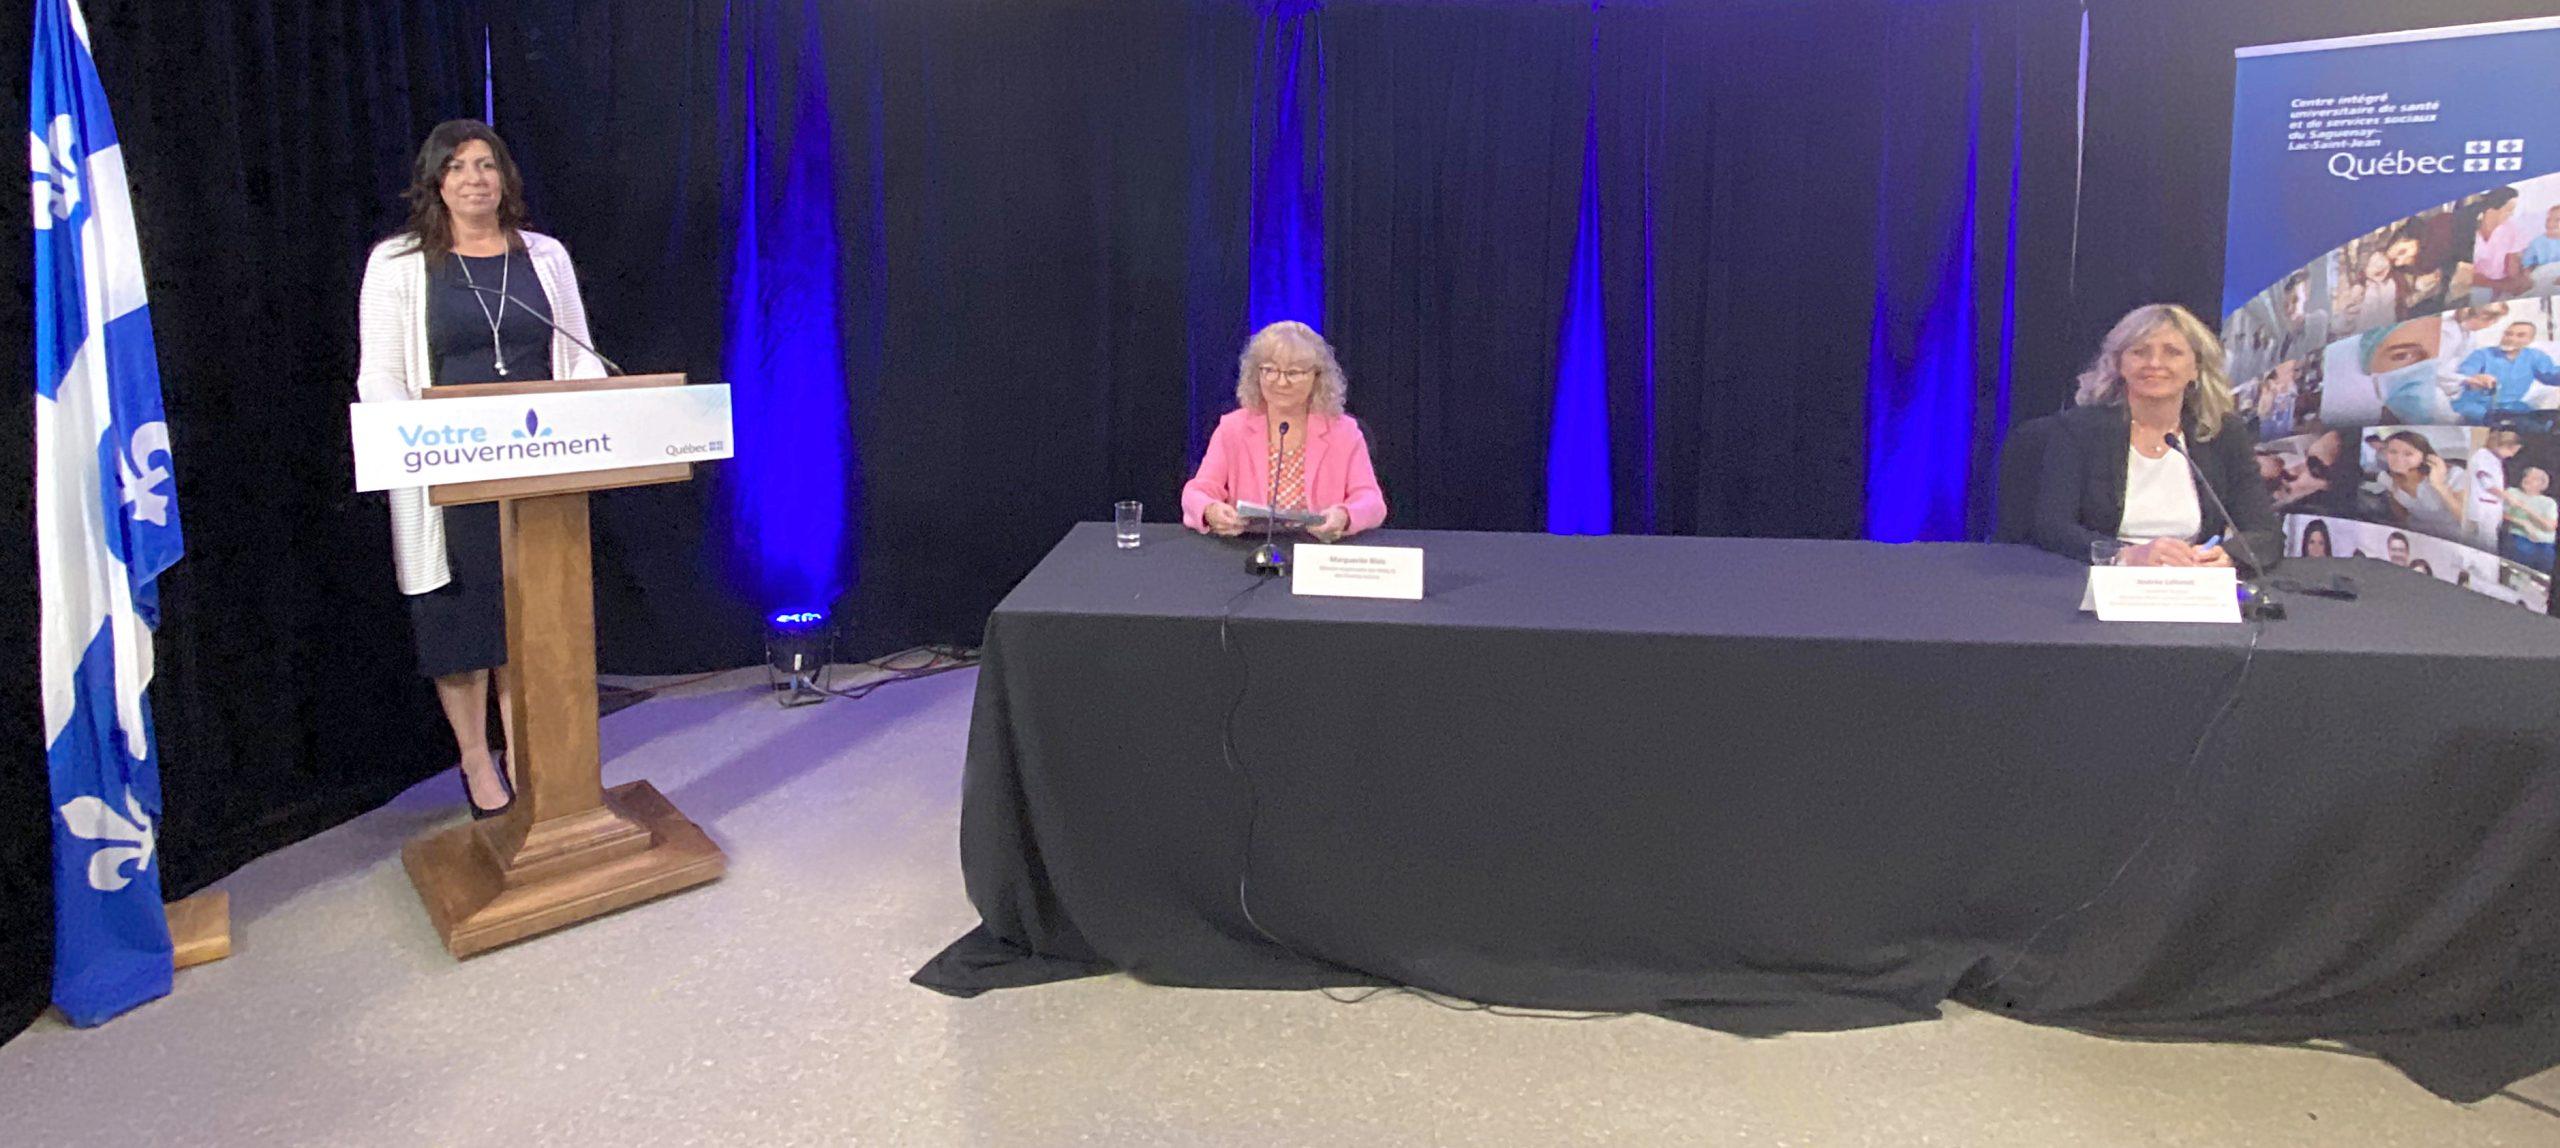 Les ministres Marguerite Blais et Andrée Laforest annoncent la construction d'une maison des aînés et alternative à Saguenay